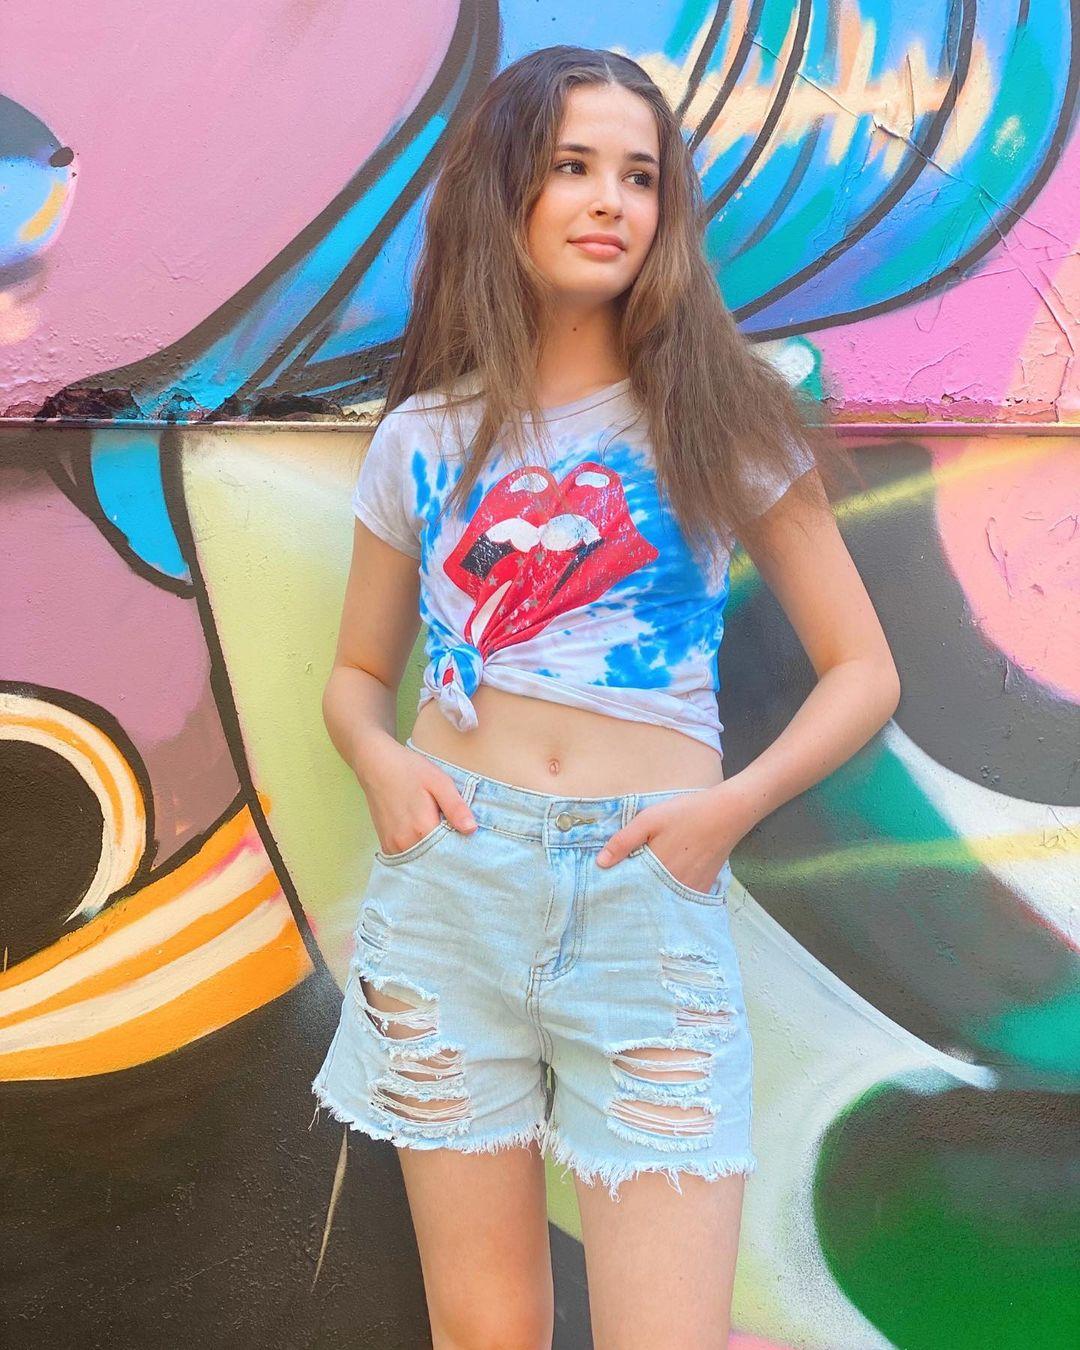 Lexia-Hayden-Wallpapers-Insta-Fit-Bio-1